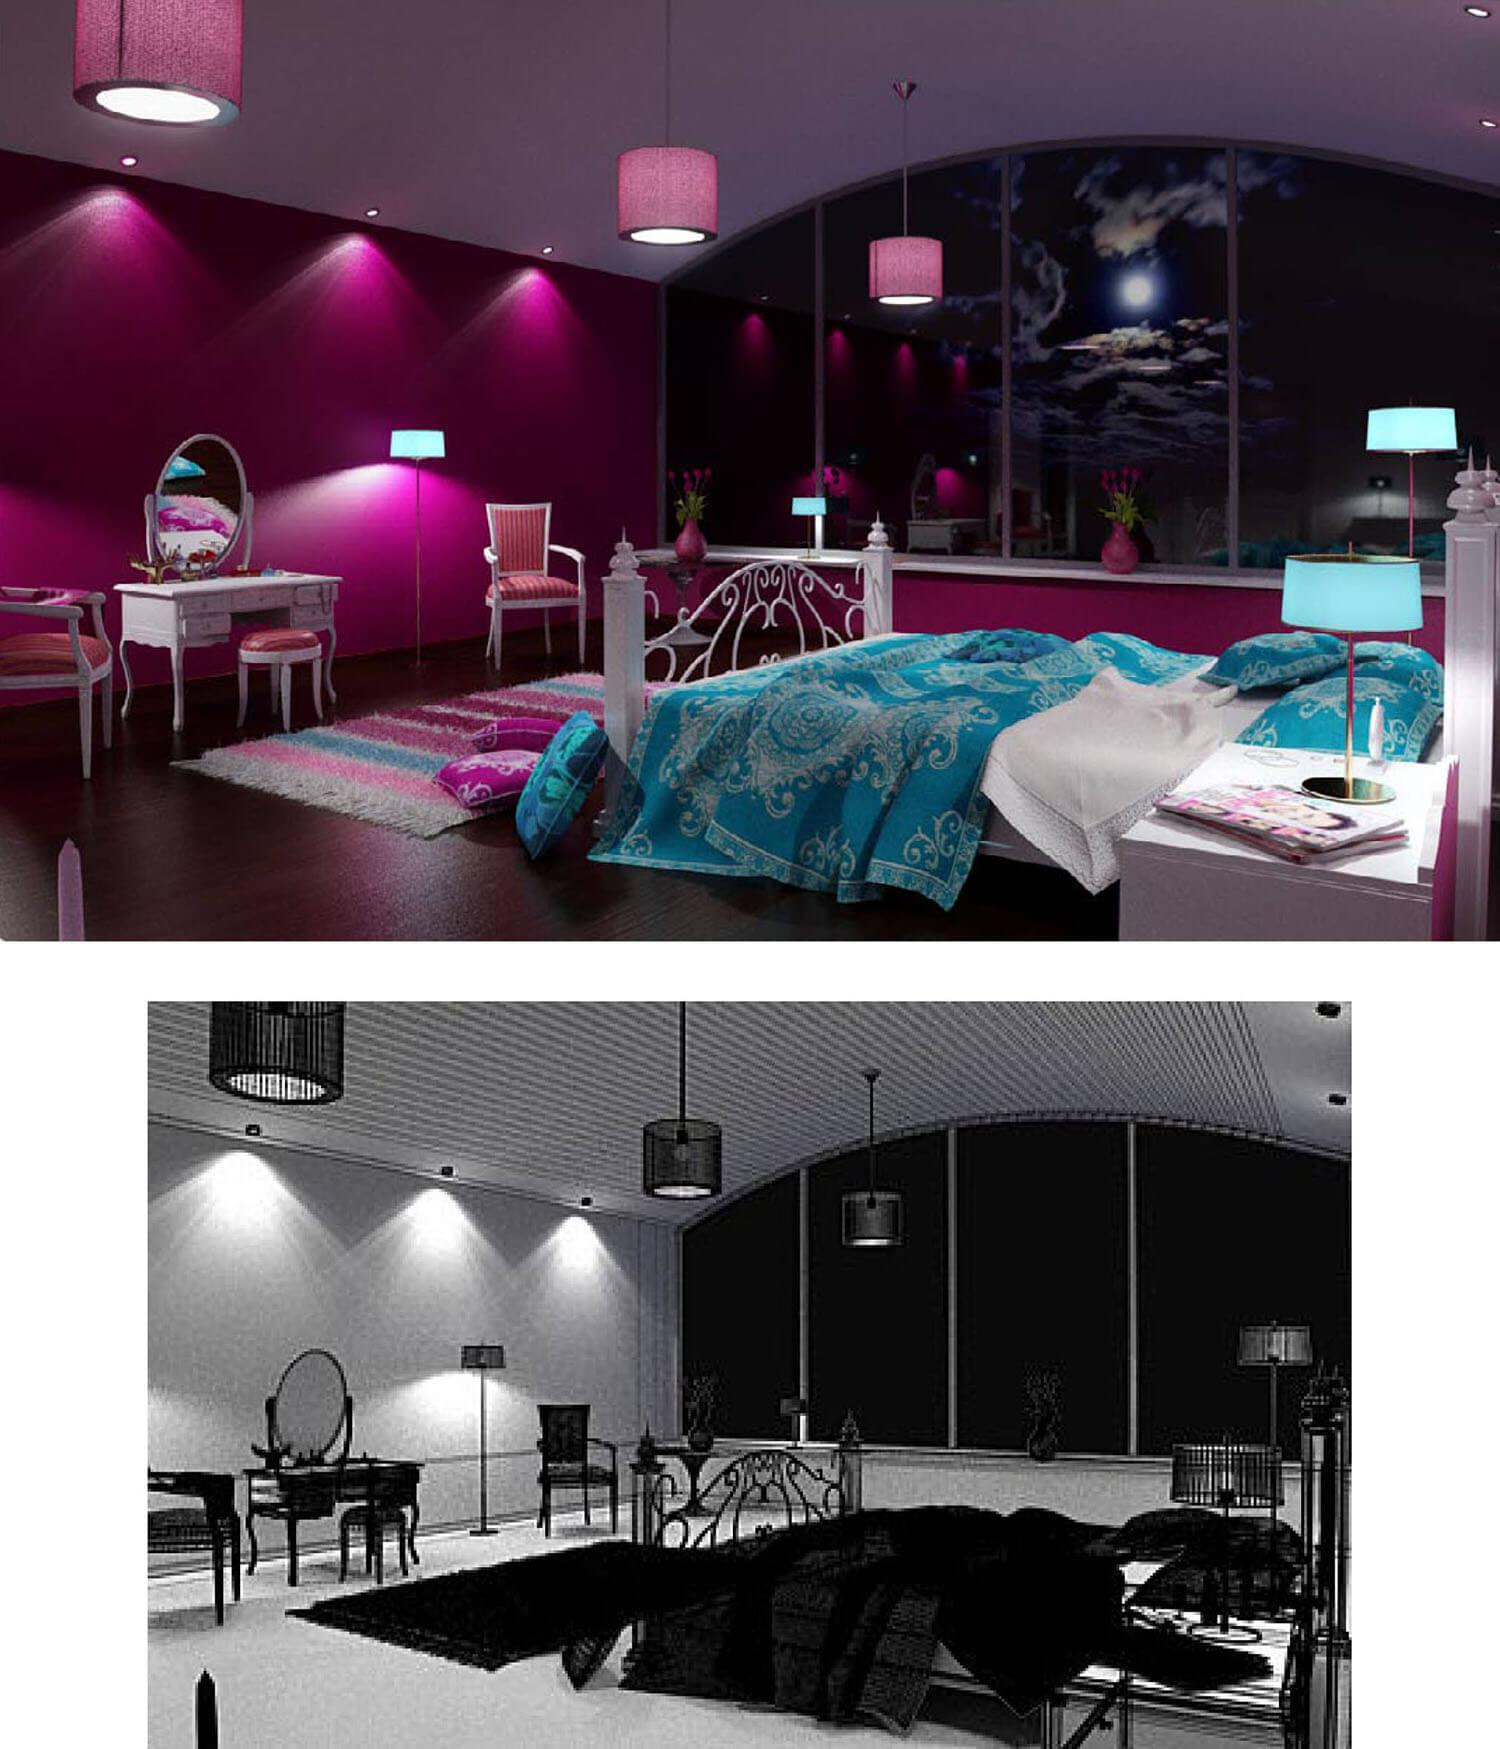 Thiết kế phòng ngủ vợ chồng đẹp sơn màu tím